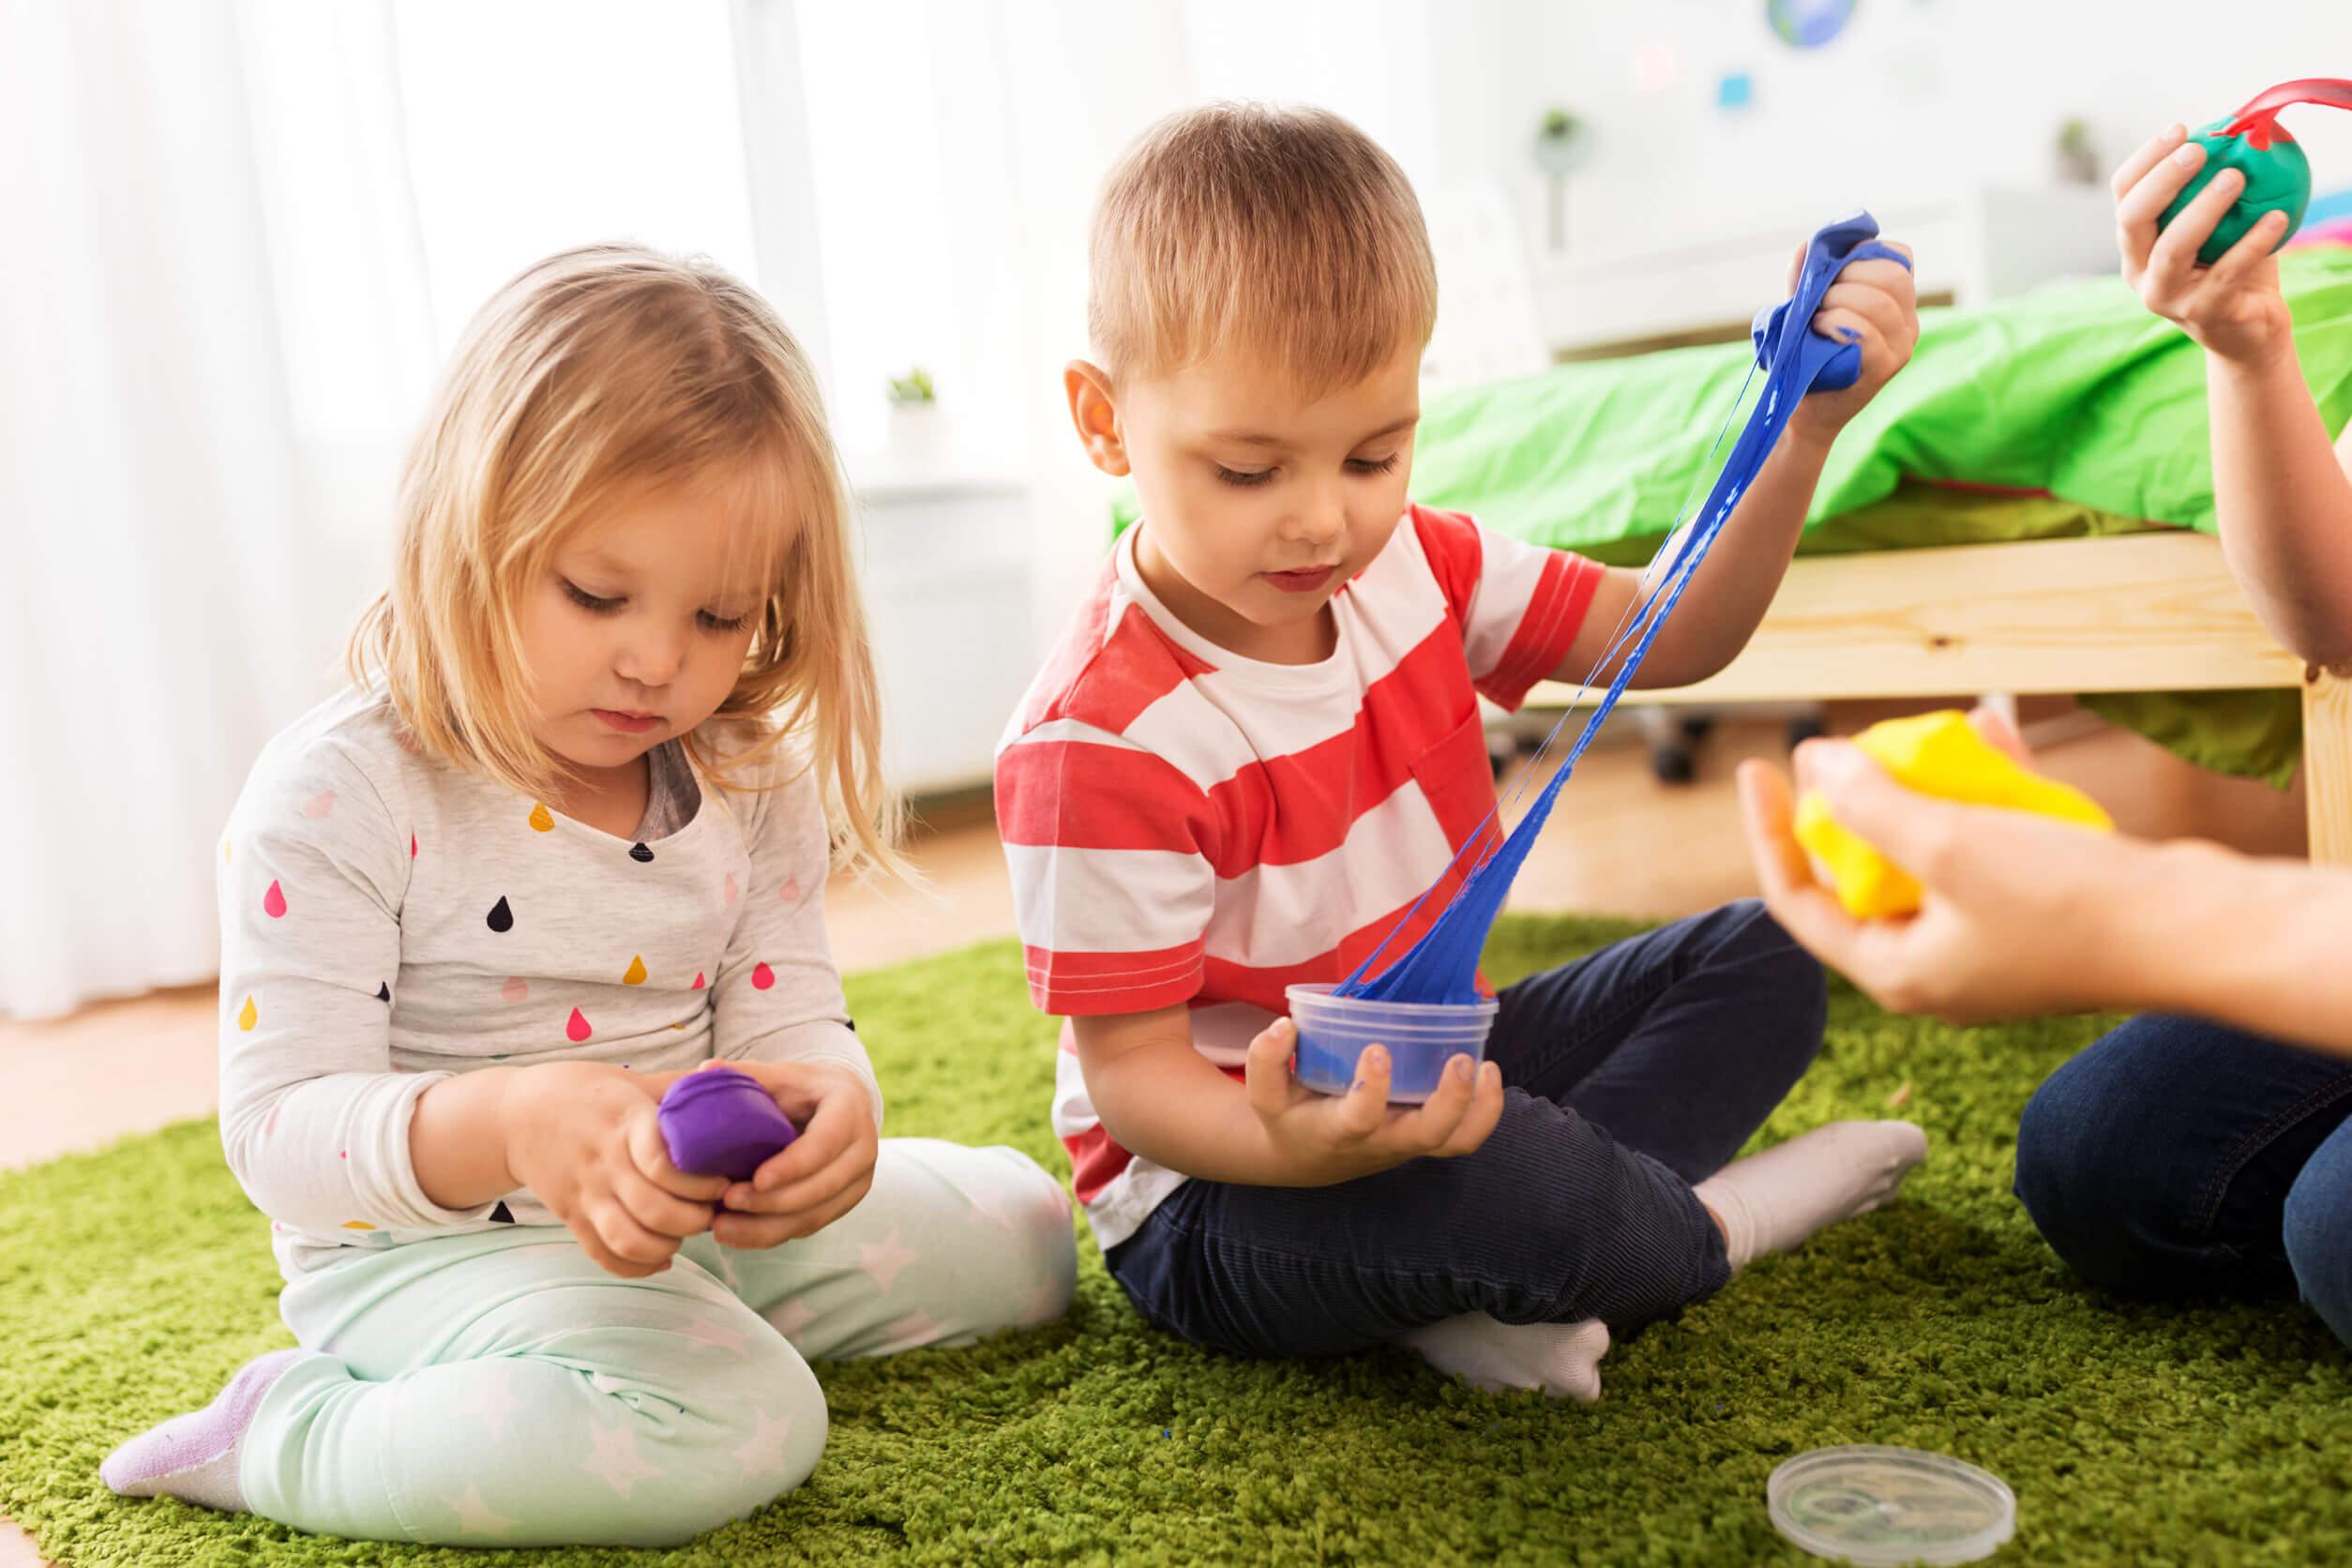 El retraso psicomotor puede afectar tareas sencillas como los juegos.